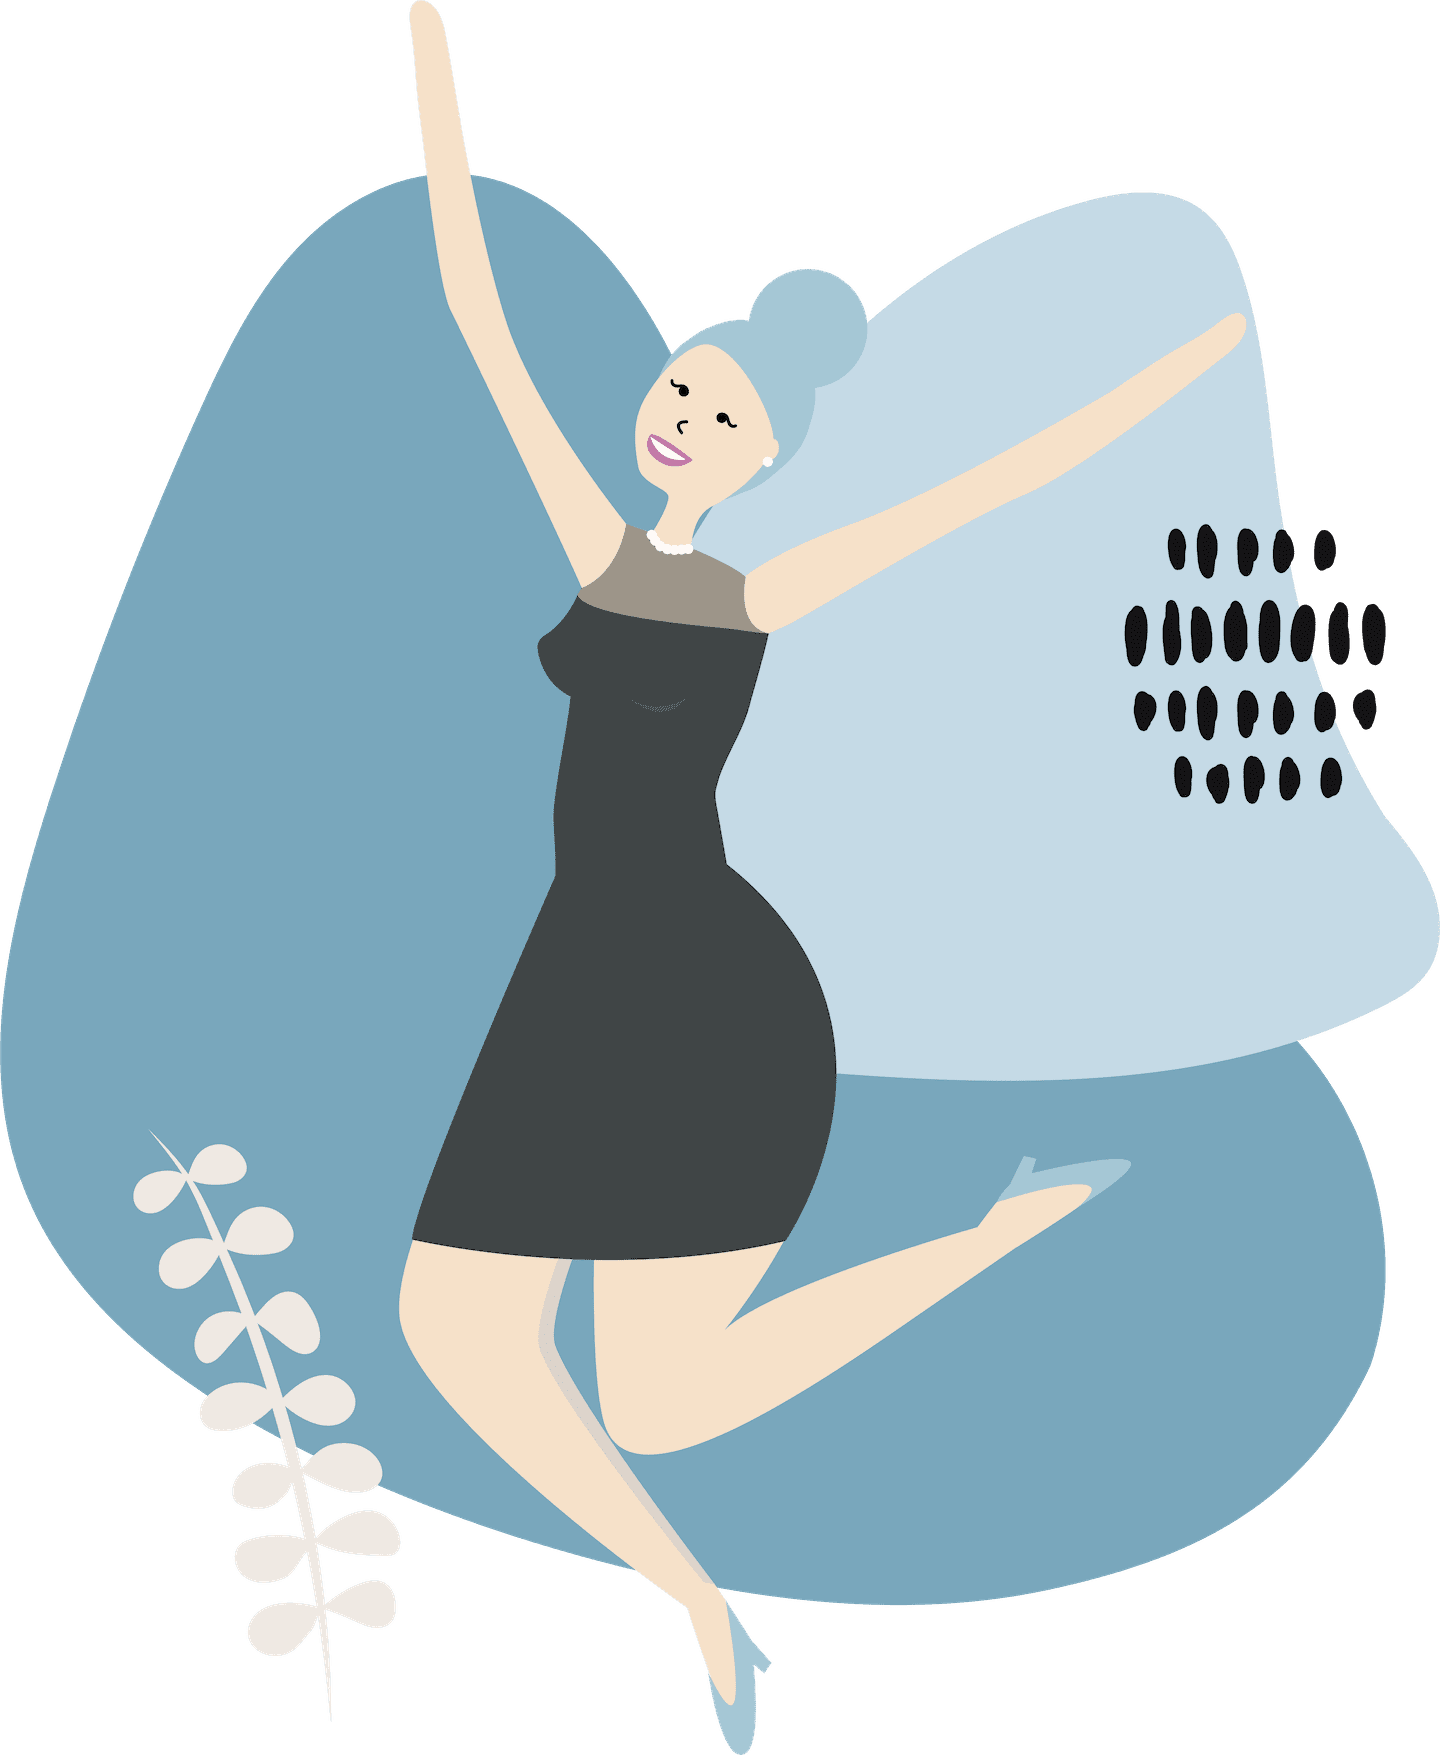 Femme Motion Illustration - Frauen Fitness in Villach - Wir sind SVA Gesundheitspartner - bei uns kann der SVA Gesundheitshunderter für fitte und gesunde Unternehmerinnen eingelöst werden